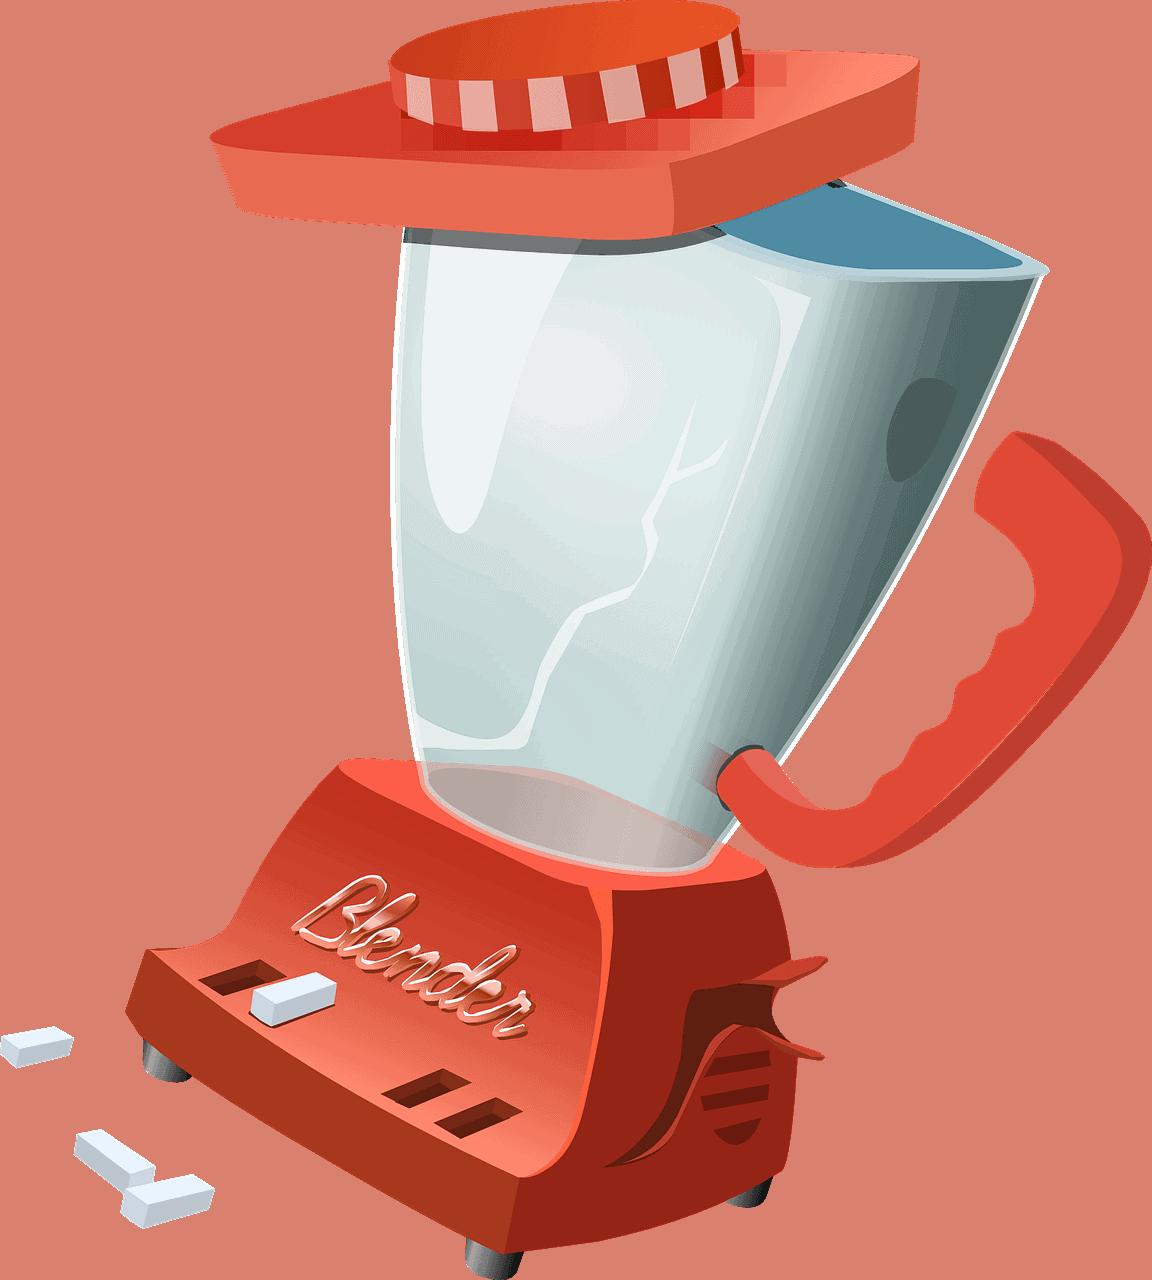 blender graphic